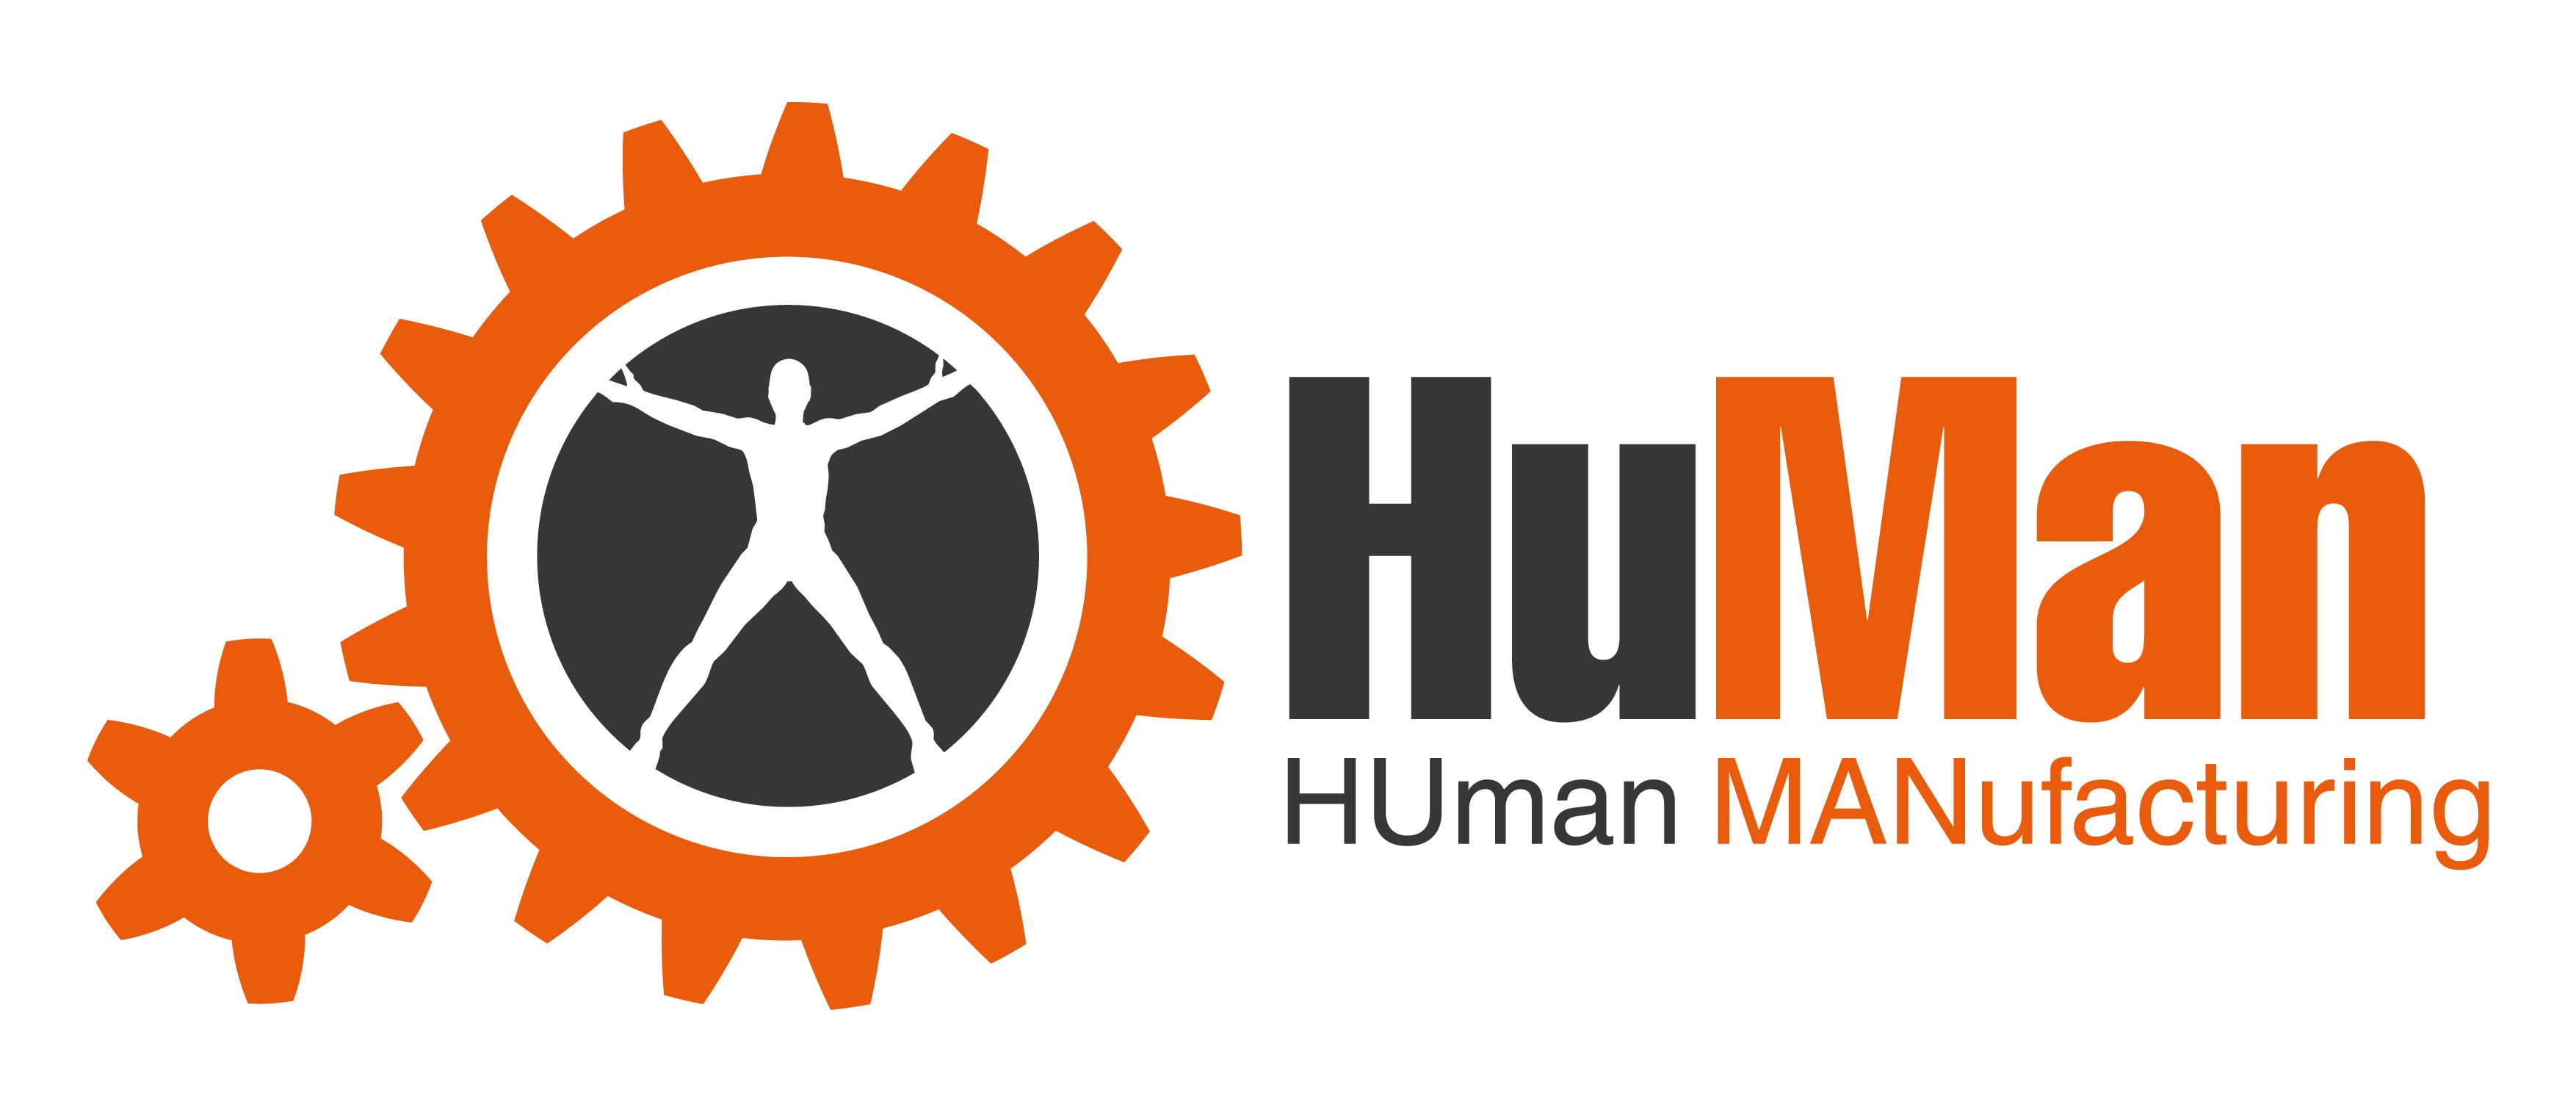 Human Manufacturing